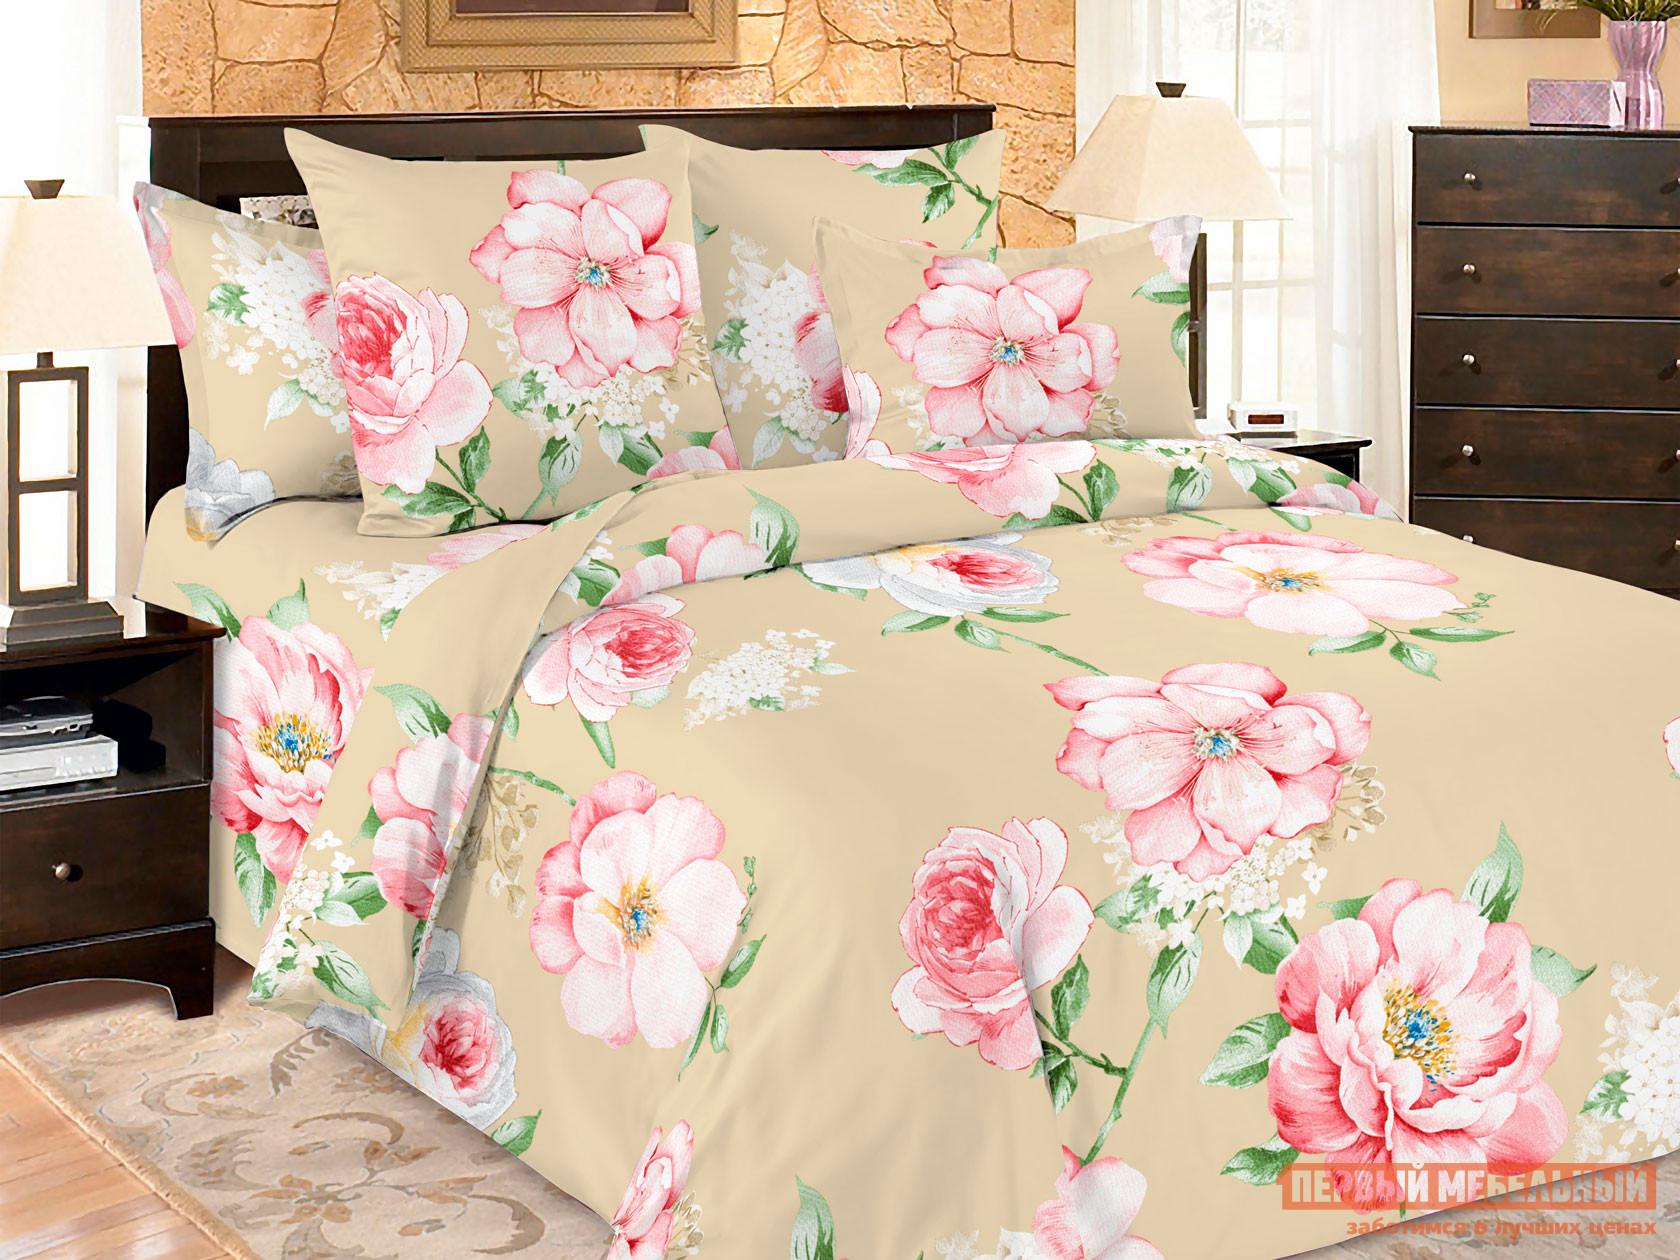 Комплект постельного белья  КПБ Amore Mio BZ Ador Адор, микрофибра, Полутороспальный